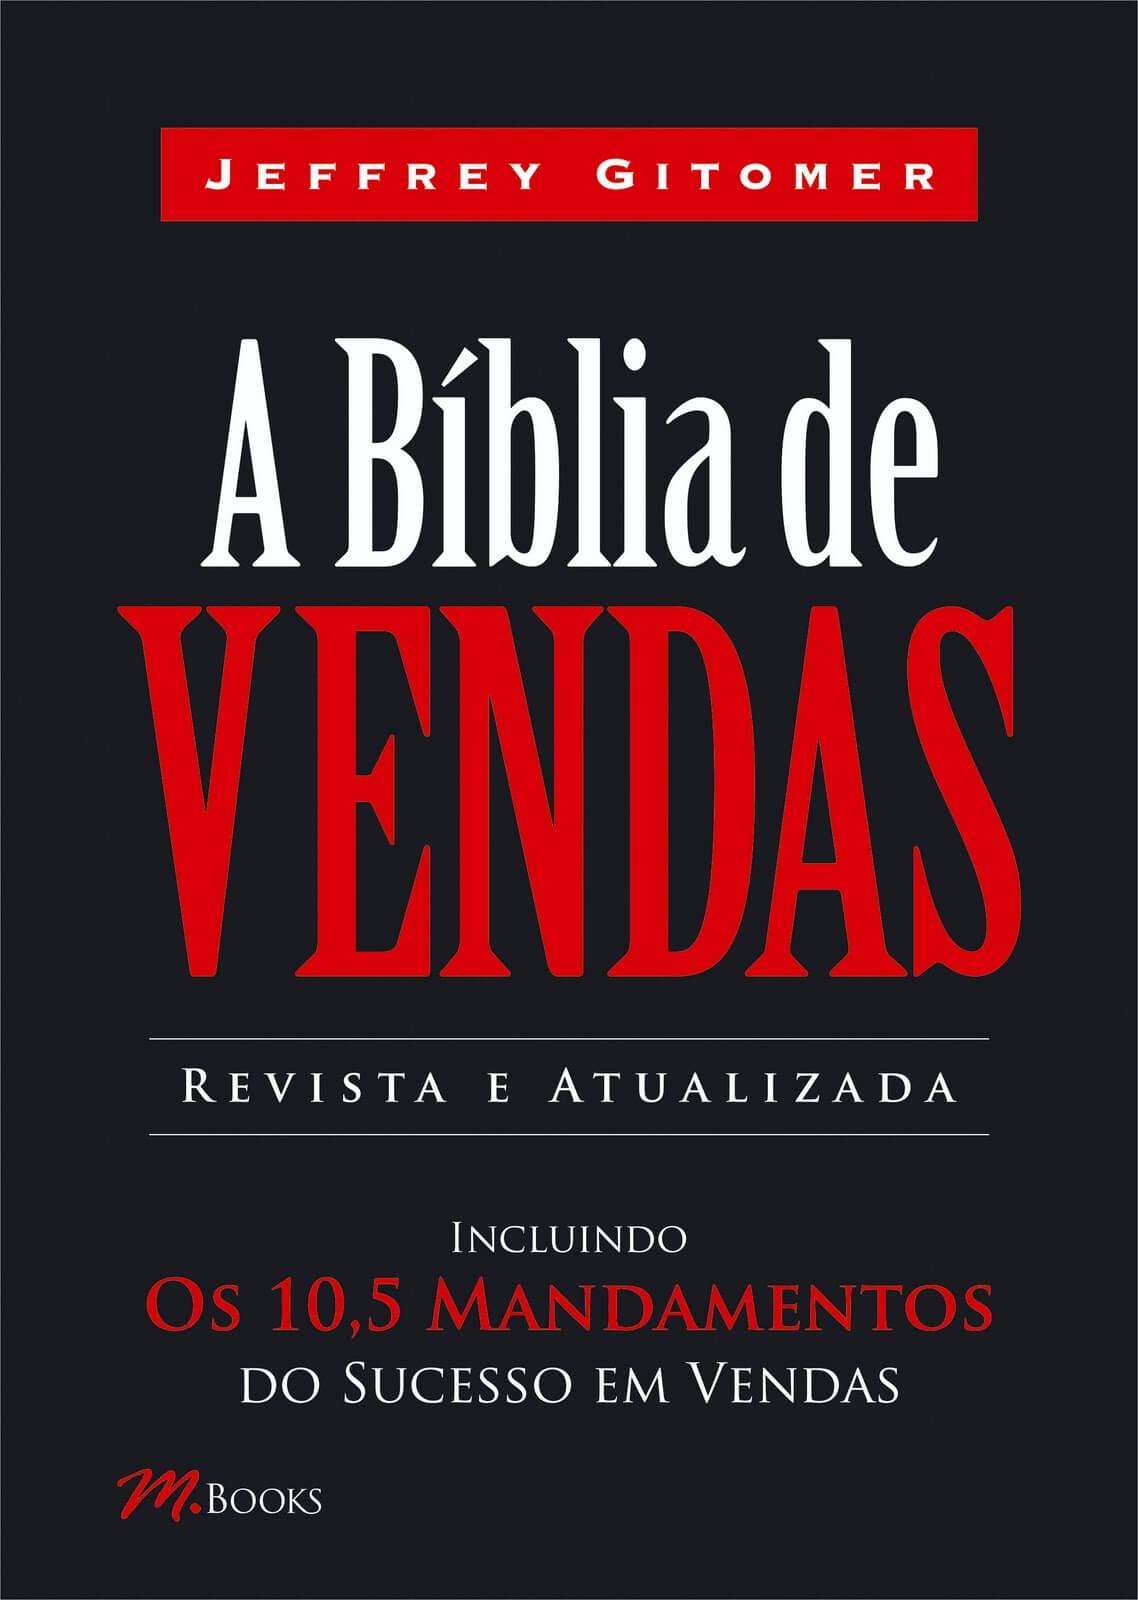 Livro A Bíblia de Vendas